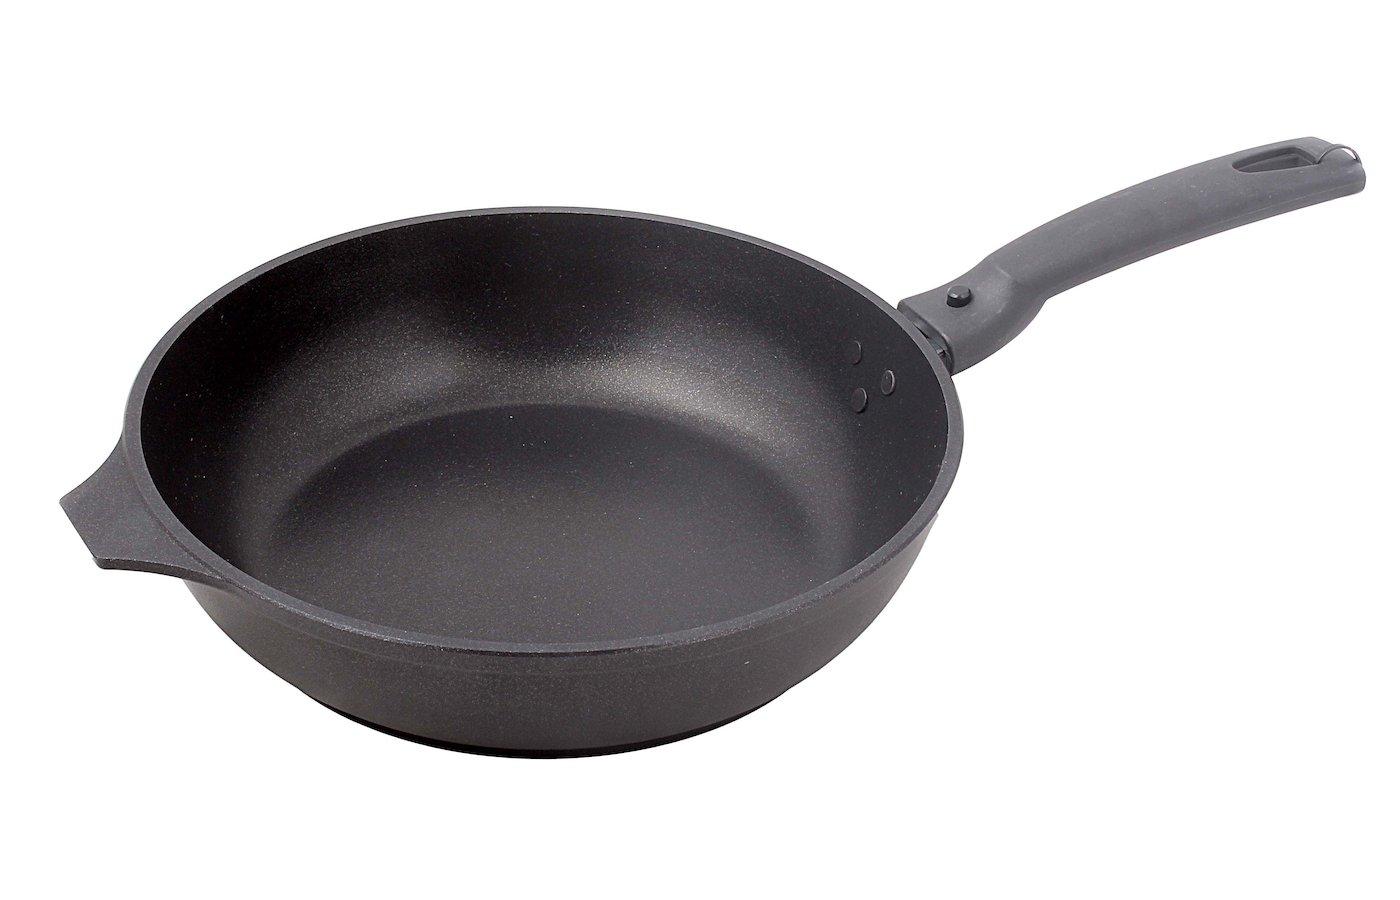 Посуда для приготовления пищи (кастрюли, сковороды, крышки к ним) (2)